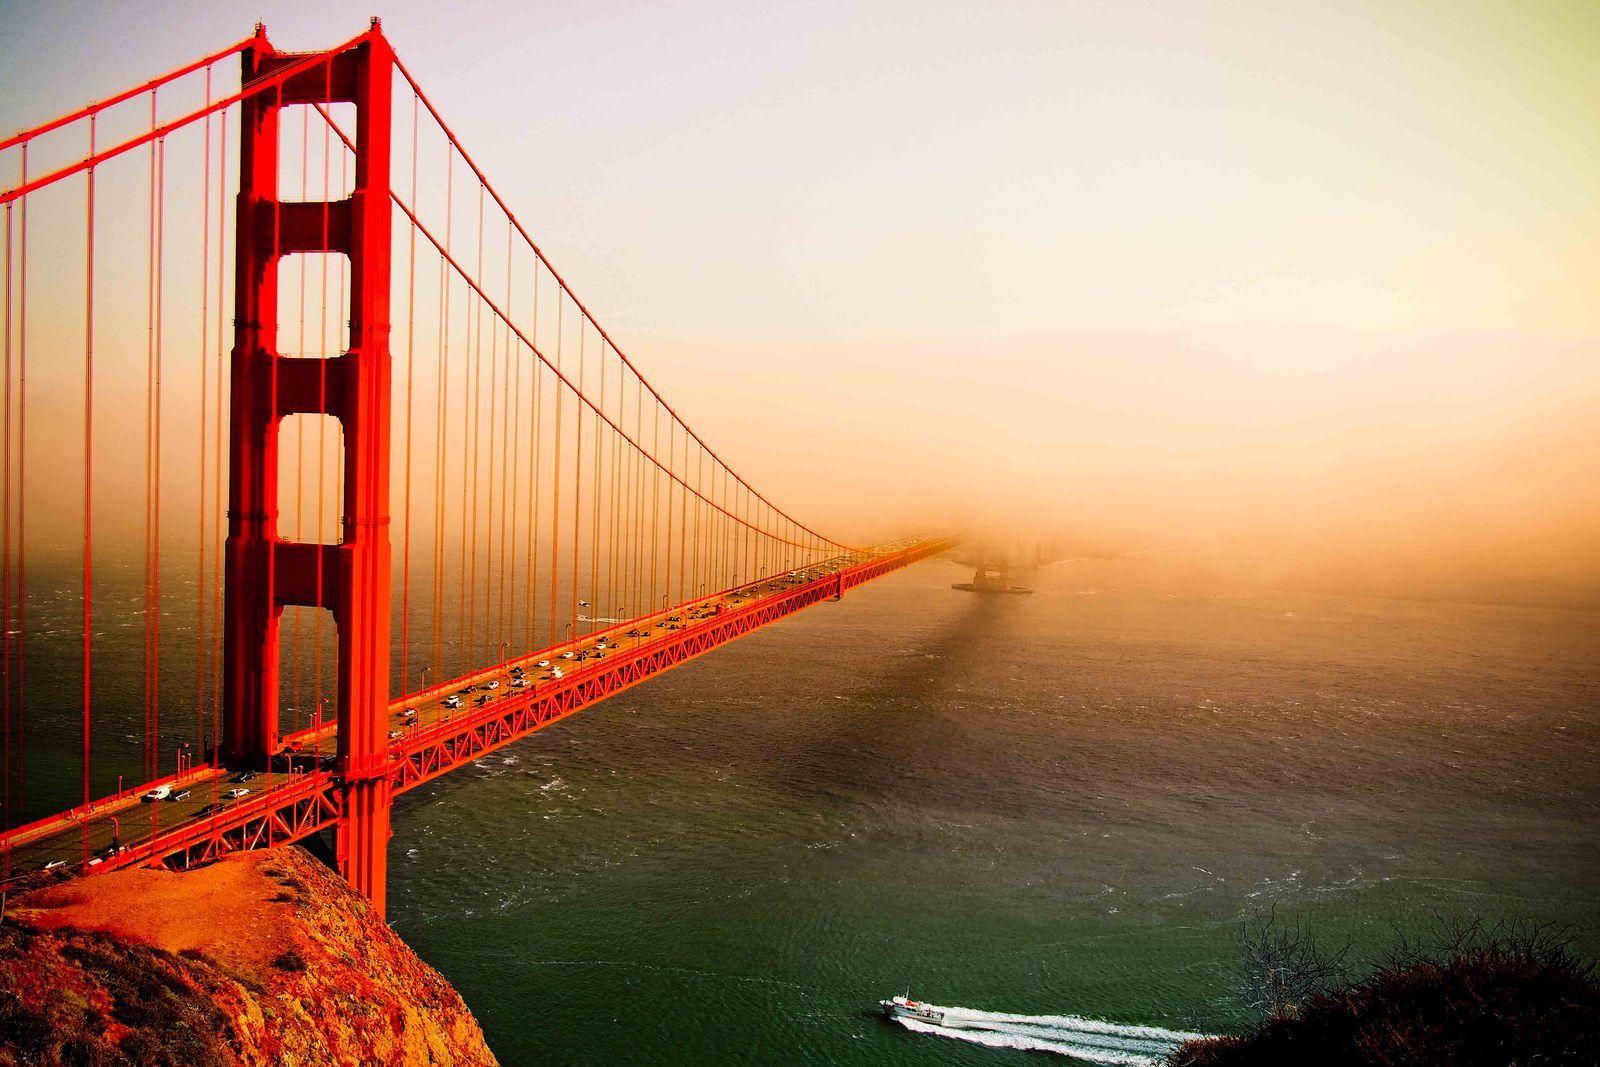 le Golden Gate Bridge avant et aprés le fog.